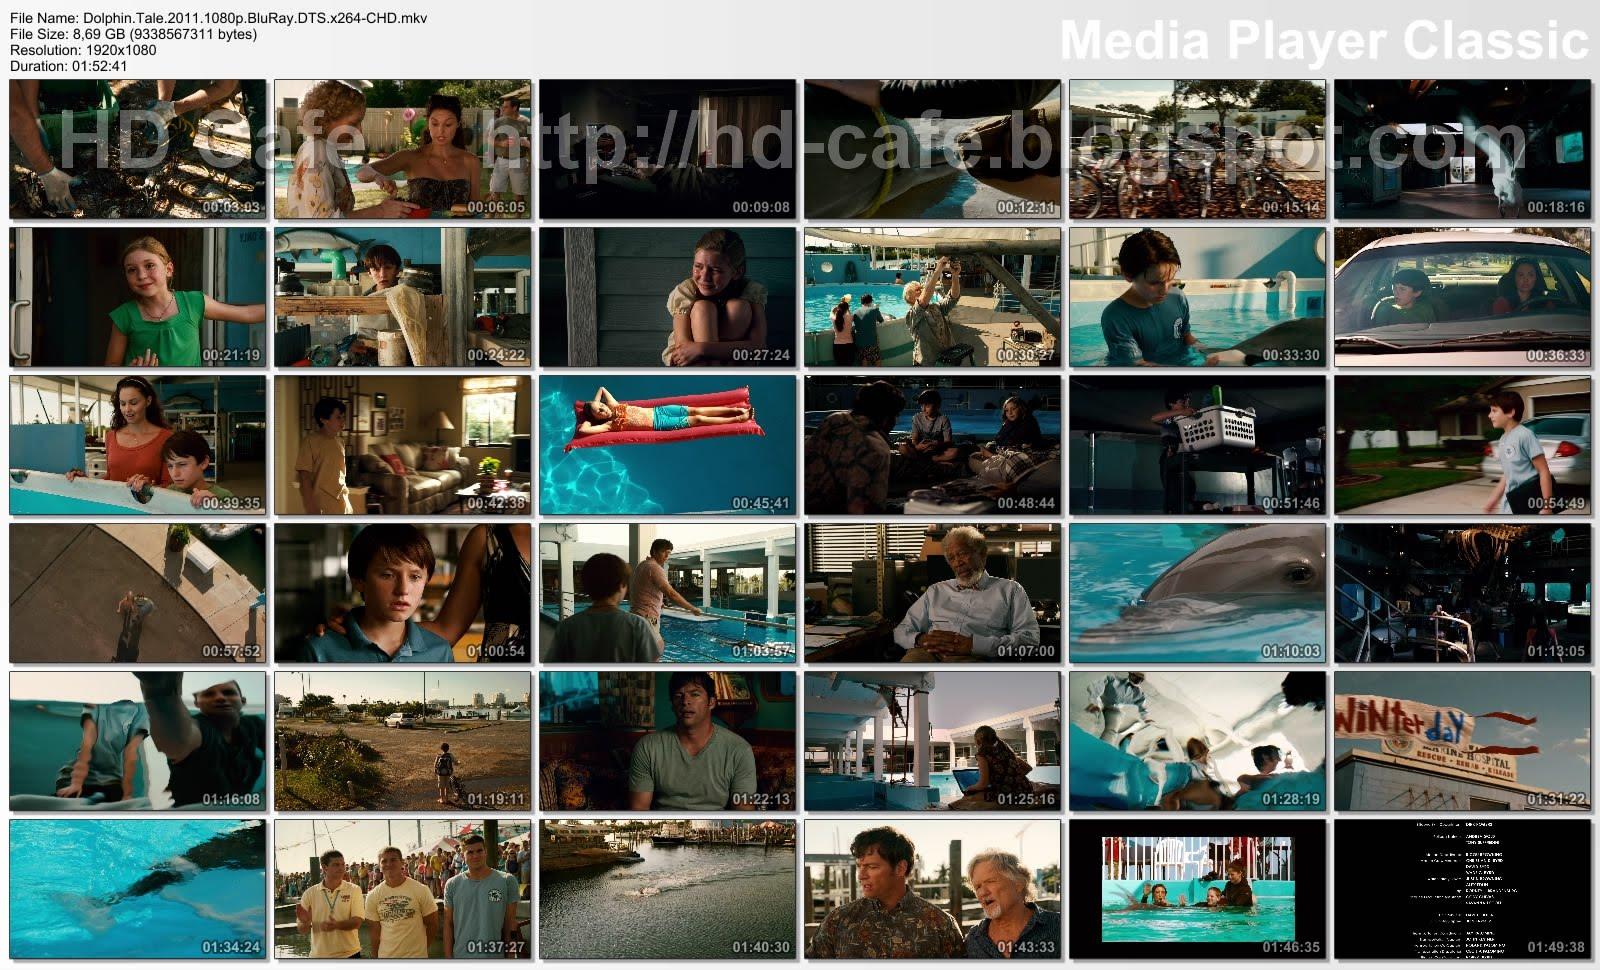 http://1.bp.blogspot.com/-FJm8D8cTLj8/TvcIkfz2FaI/AAAAAAAACew/mObP_OmlMyA/s1600/Dolphin-Tale-2011-thumbs.jpg